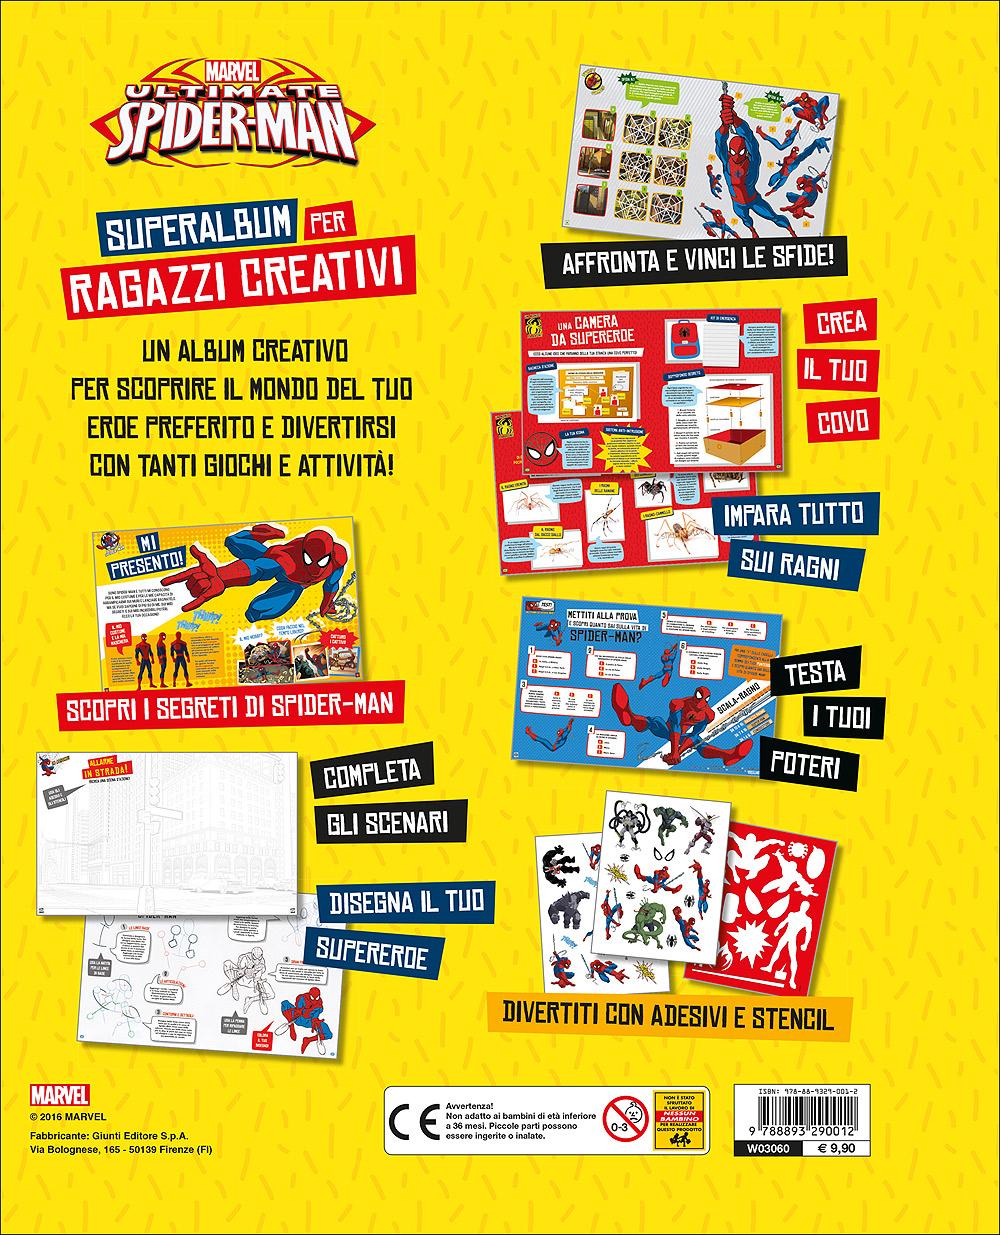 Superalbum per Ragazzi Creativi - Ultimate Spider-Man